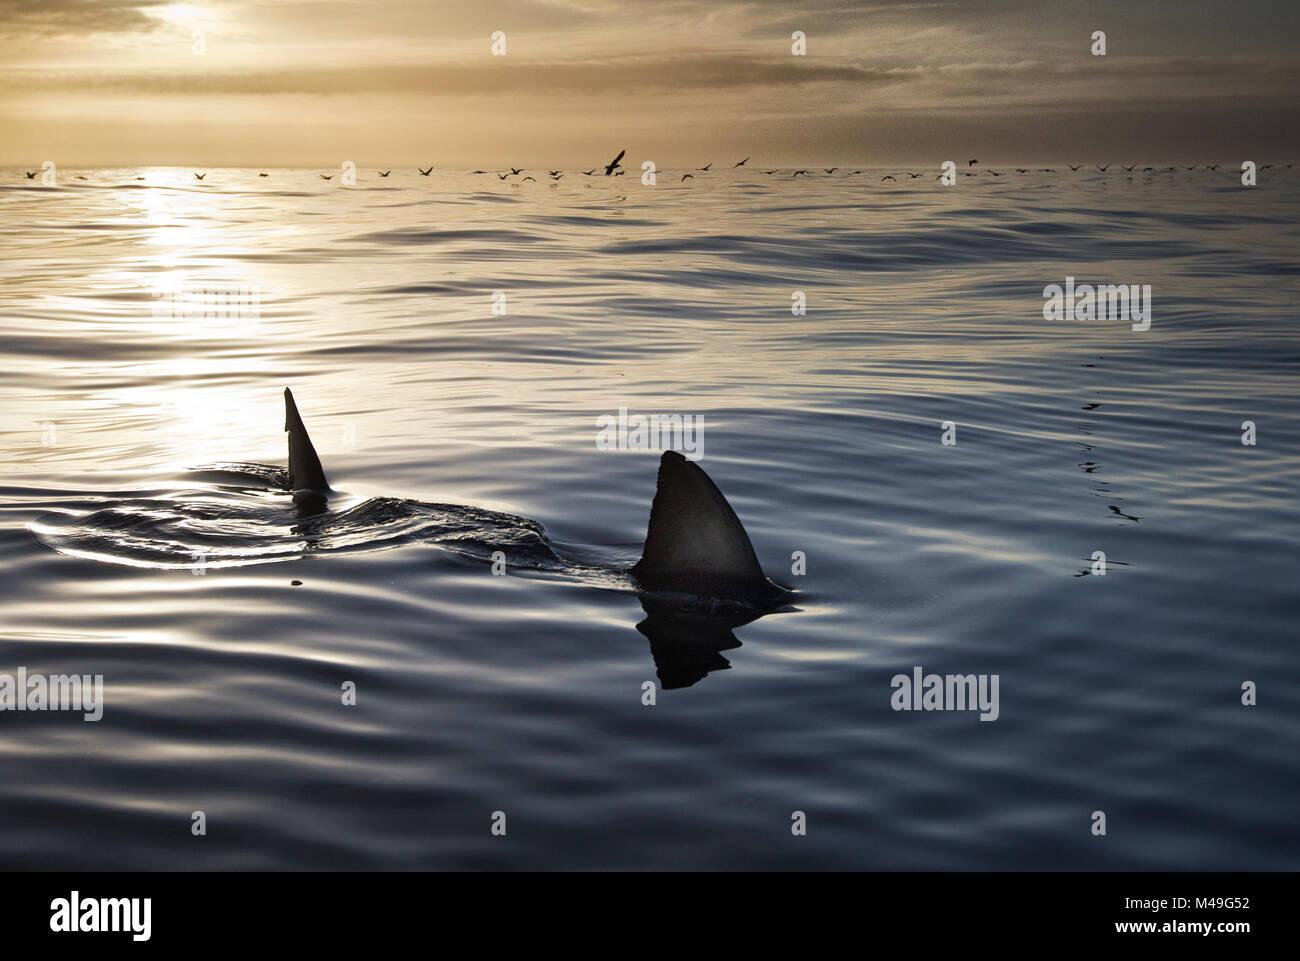 Les grands requins blancs (Carcharodon carcharias) avec palmes à surface de l'eau au coucher du soleil, Photo Stock